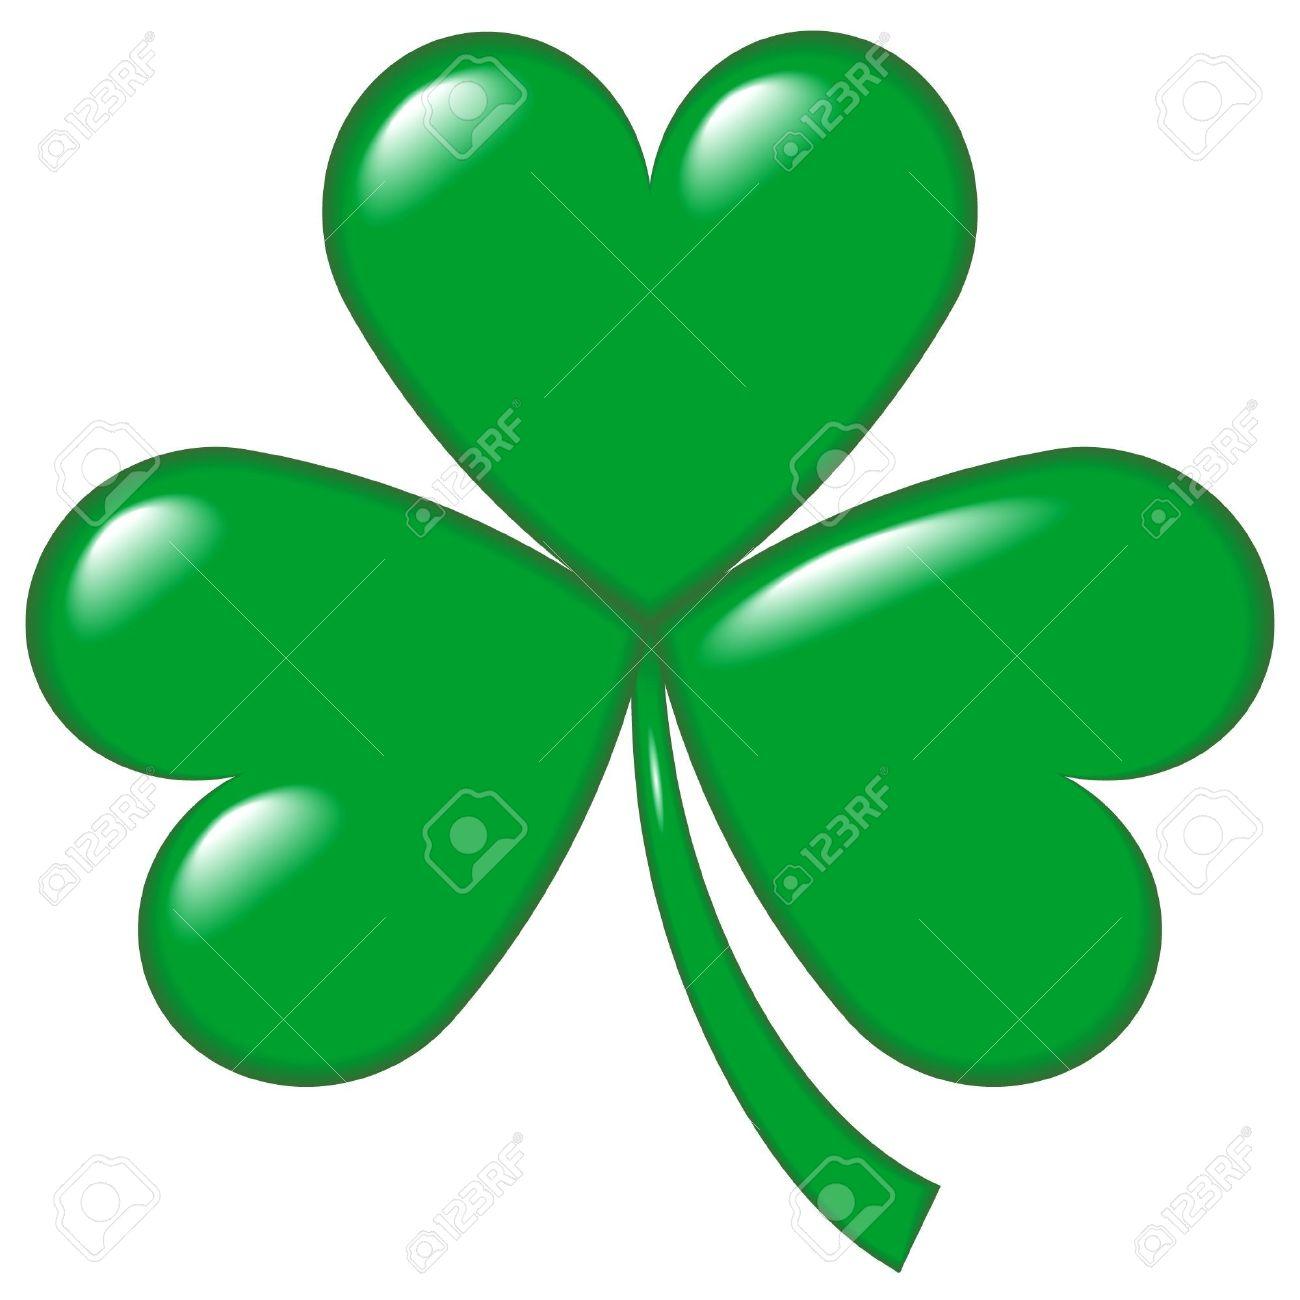 An Illustration Of A Shamrock Or Hop Clover Symbol Of Ireland